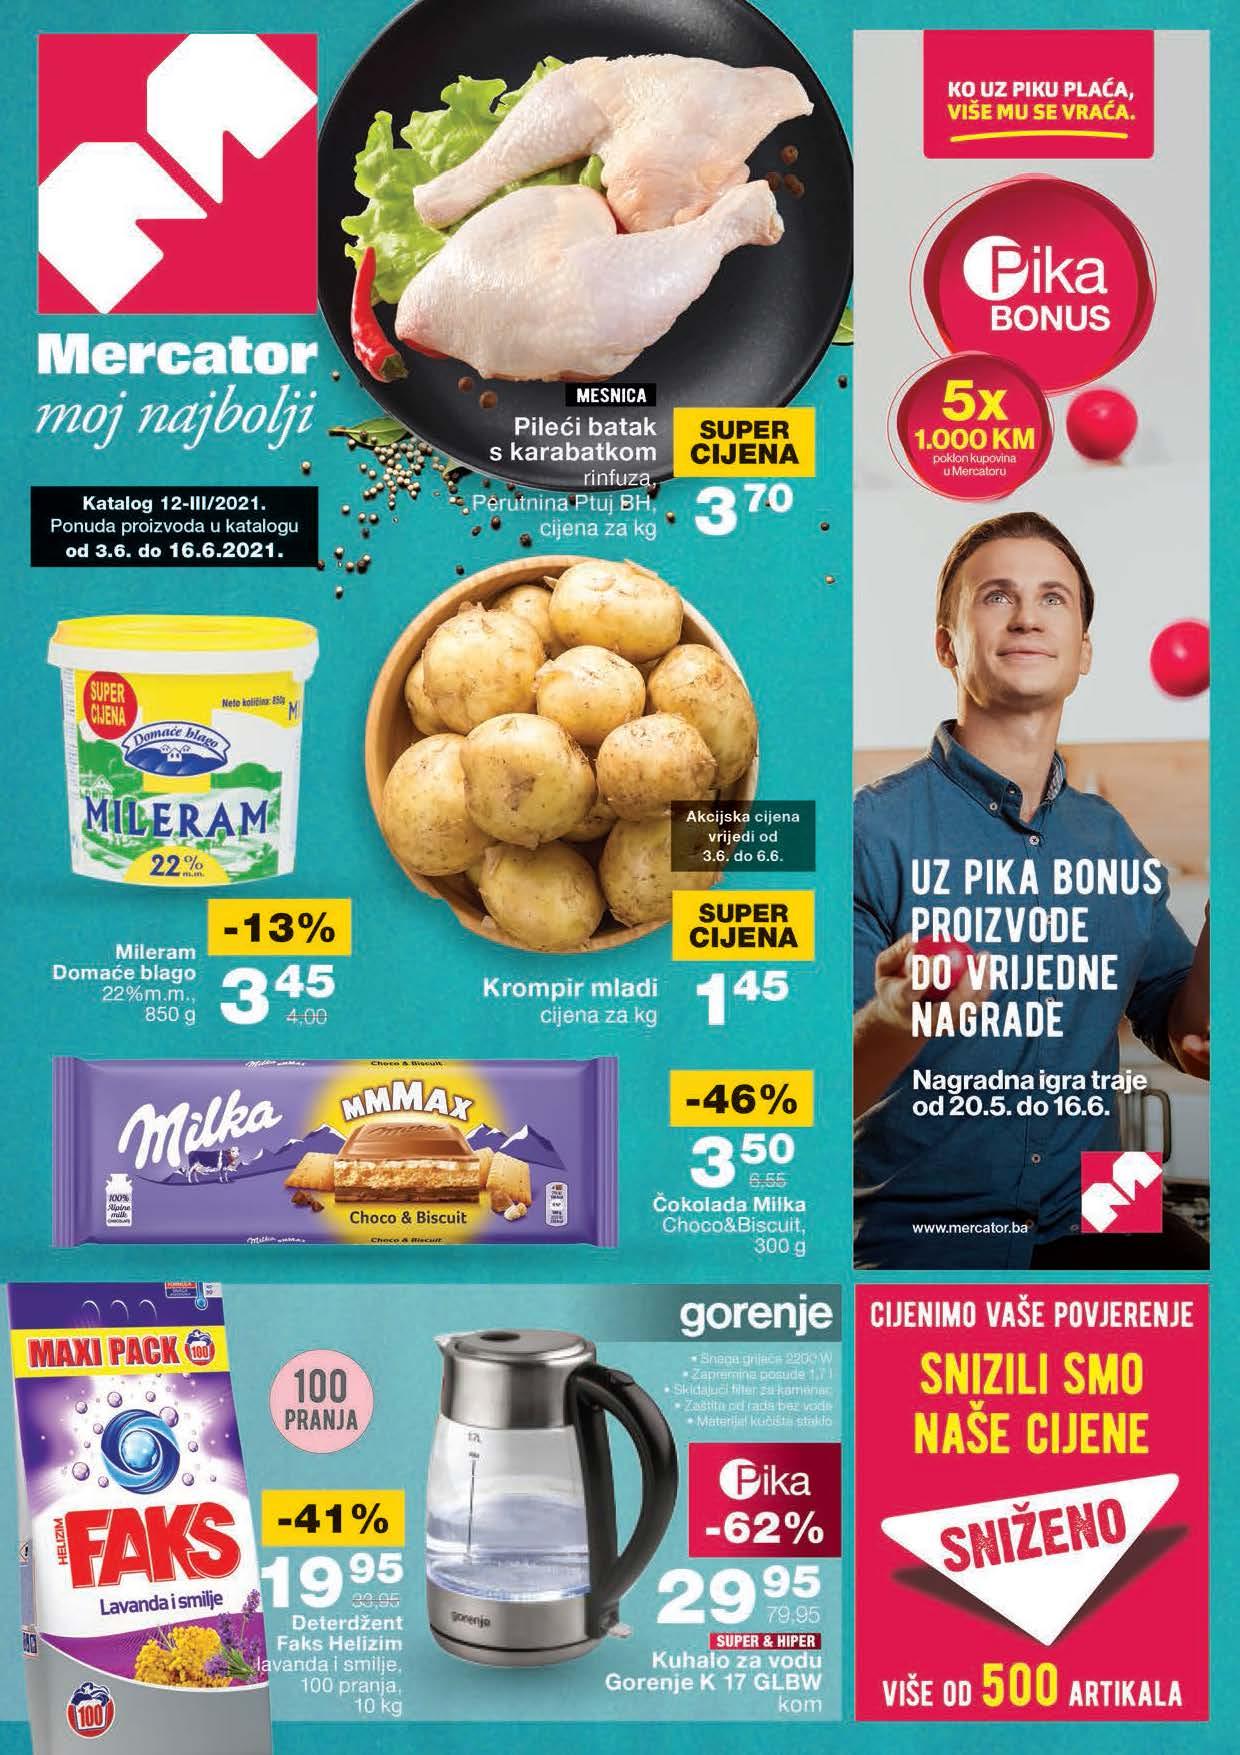 MERCATOR Katalog Redovni katalog JUN 2021 3.6. 16.6. eKatalozi.com Page 01